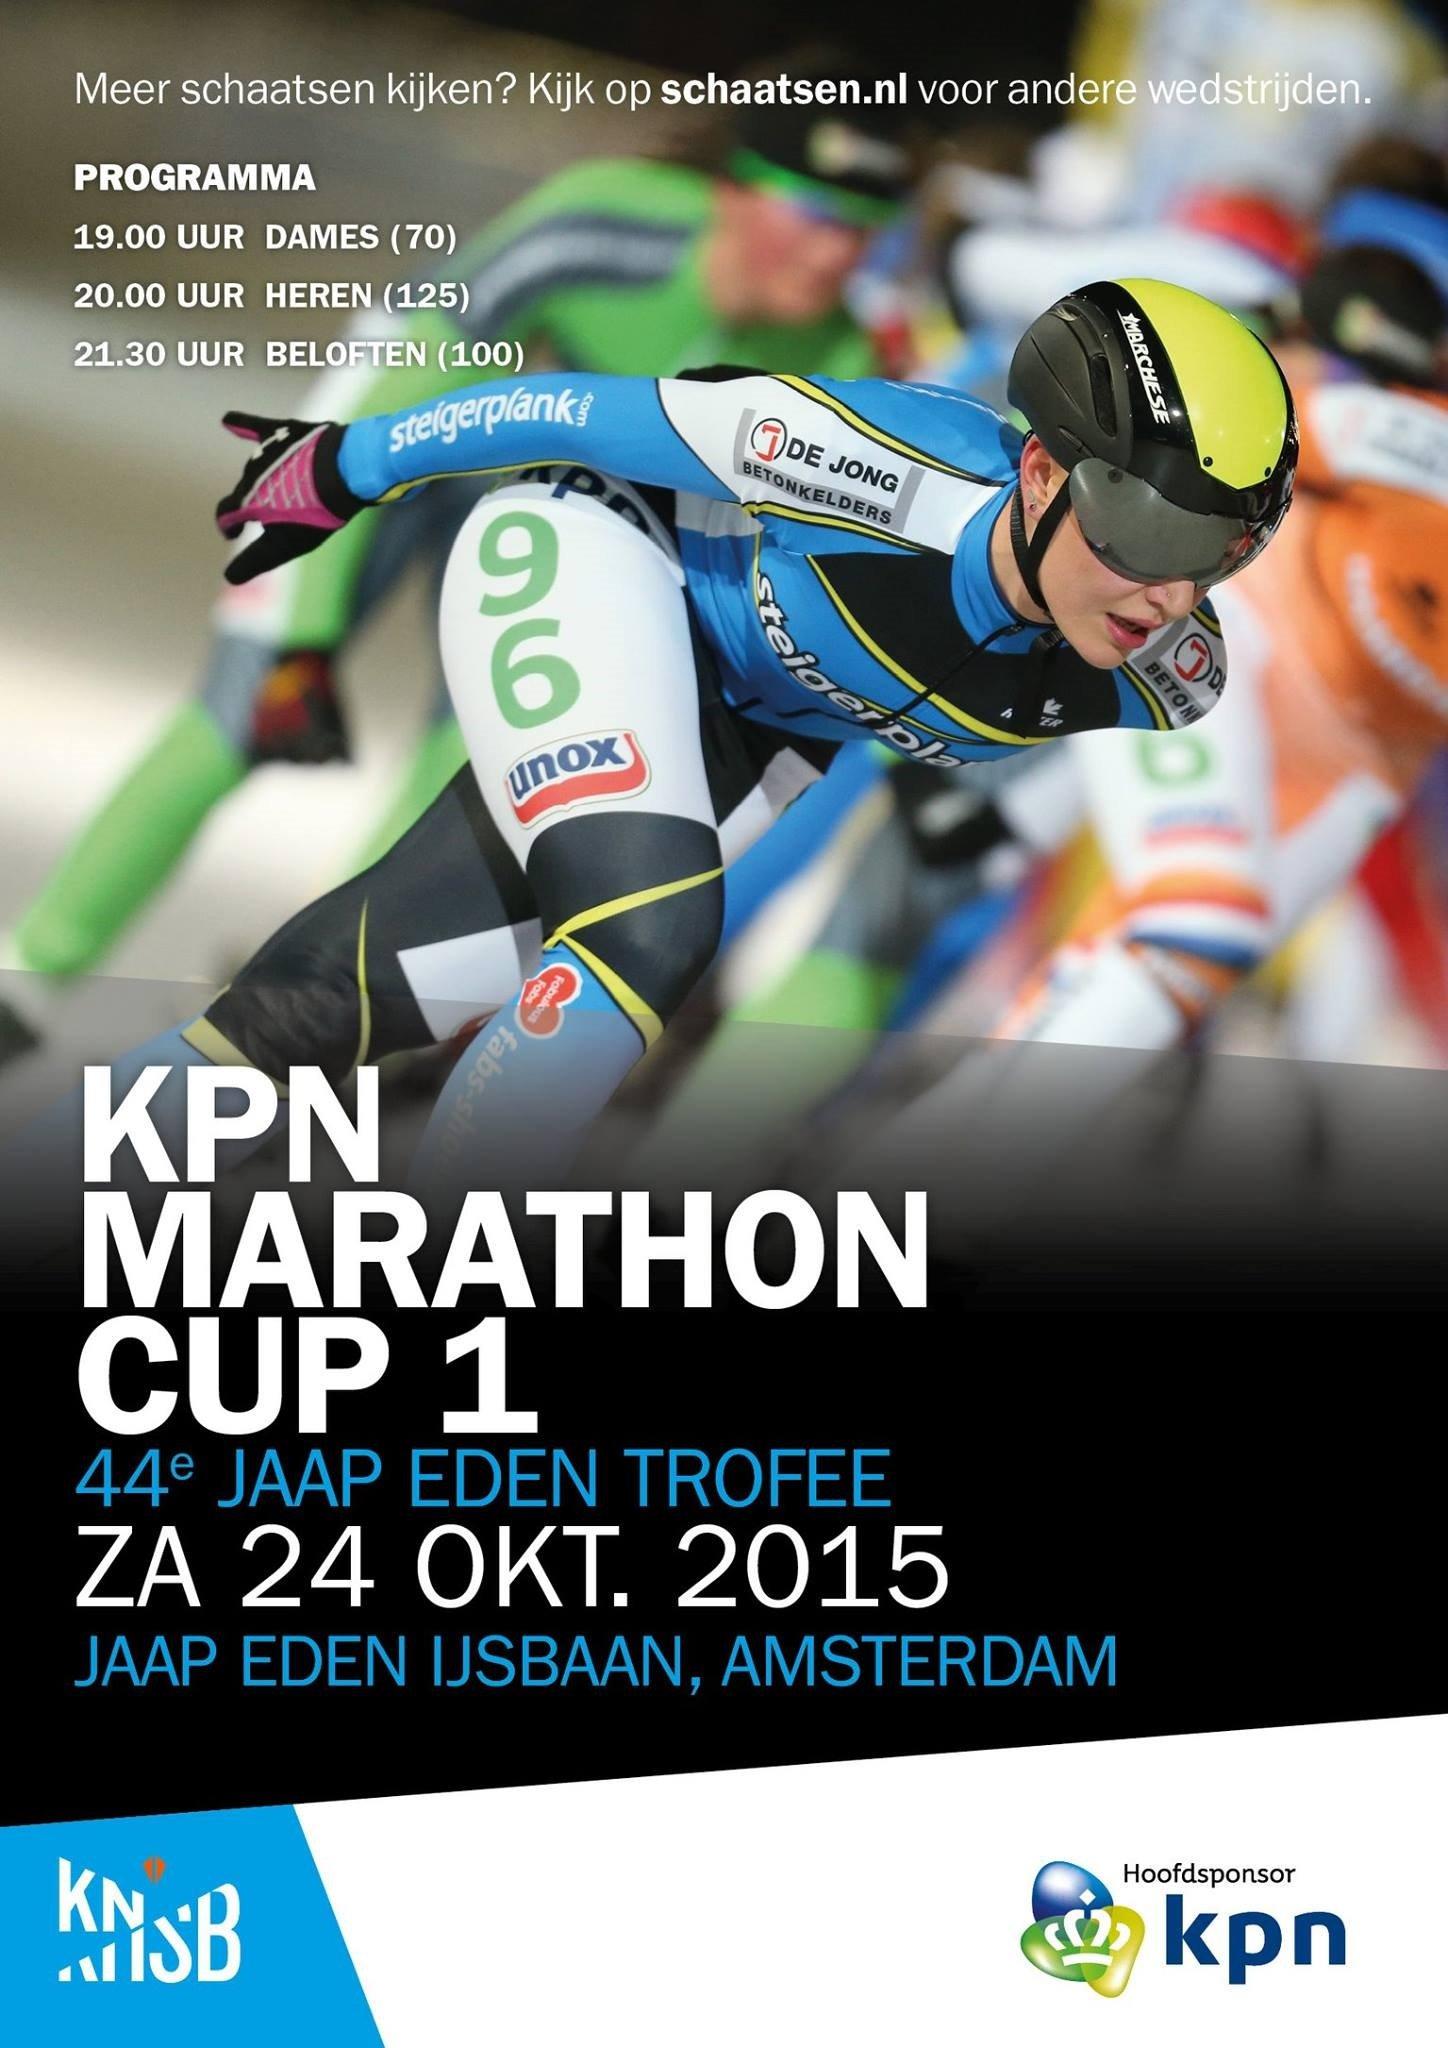 Marathon Amsterdam 24-okt